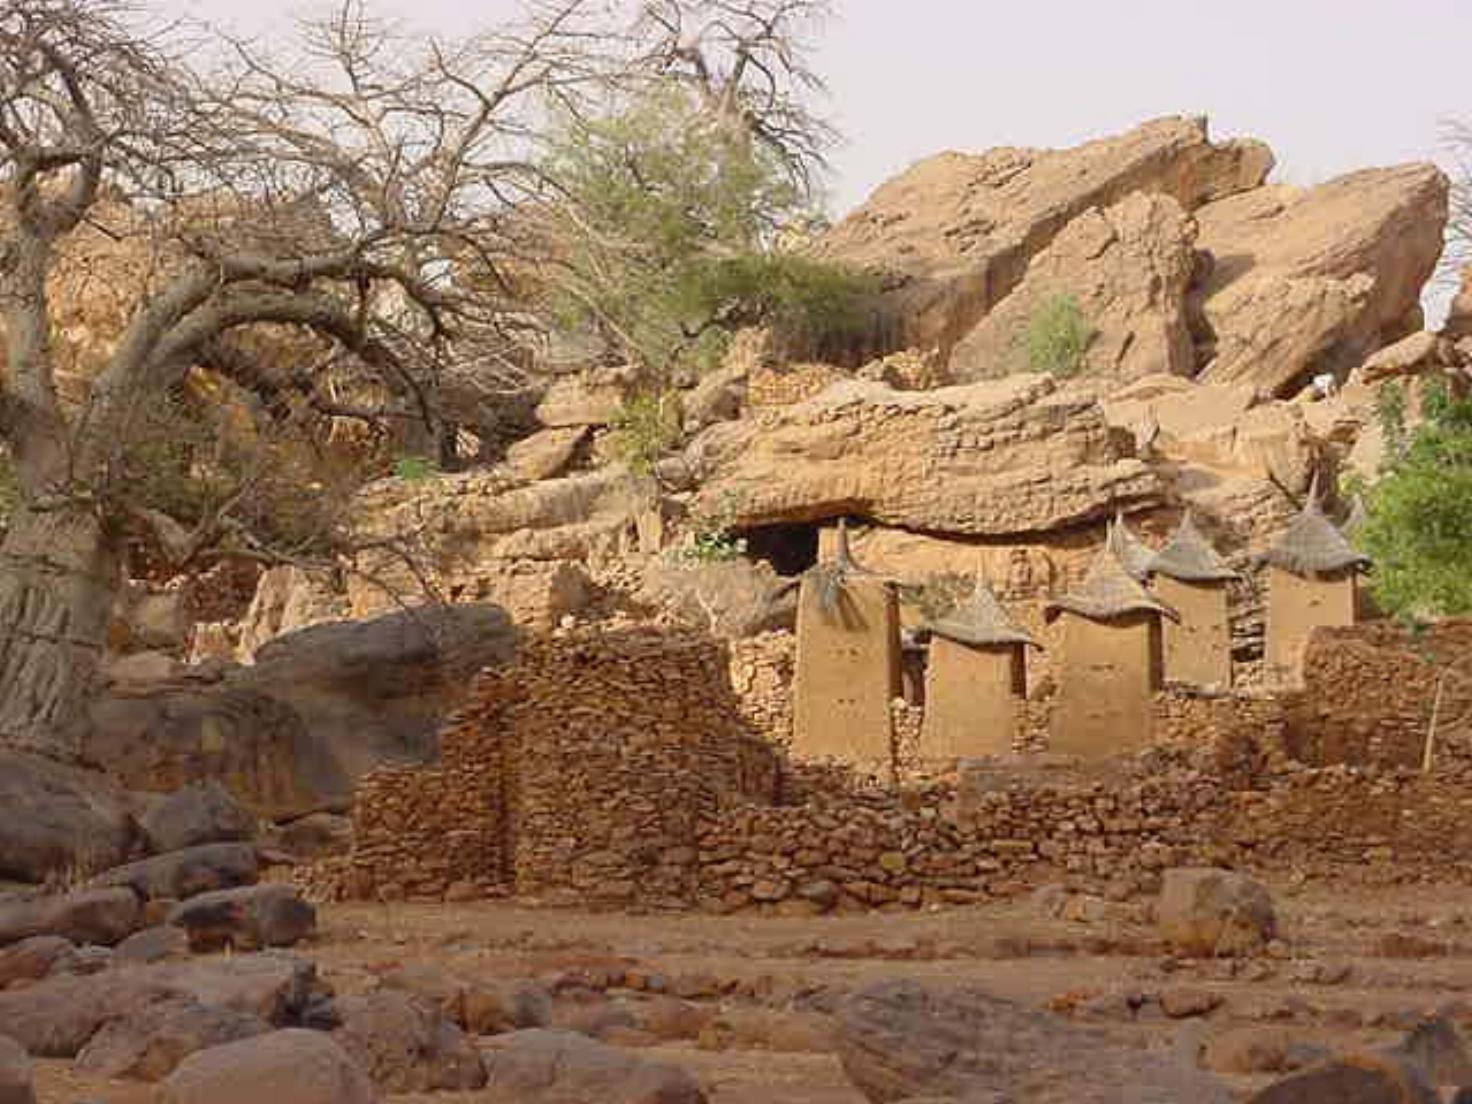 Dogon Mali